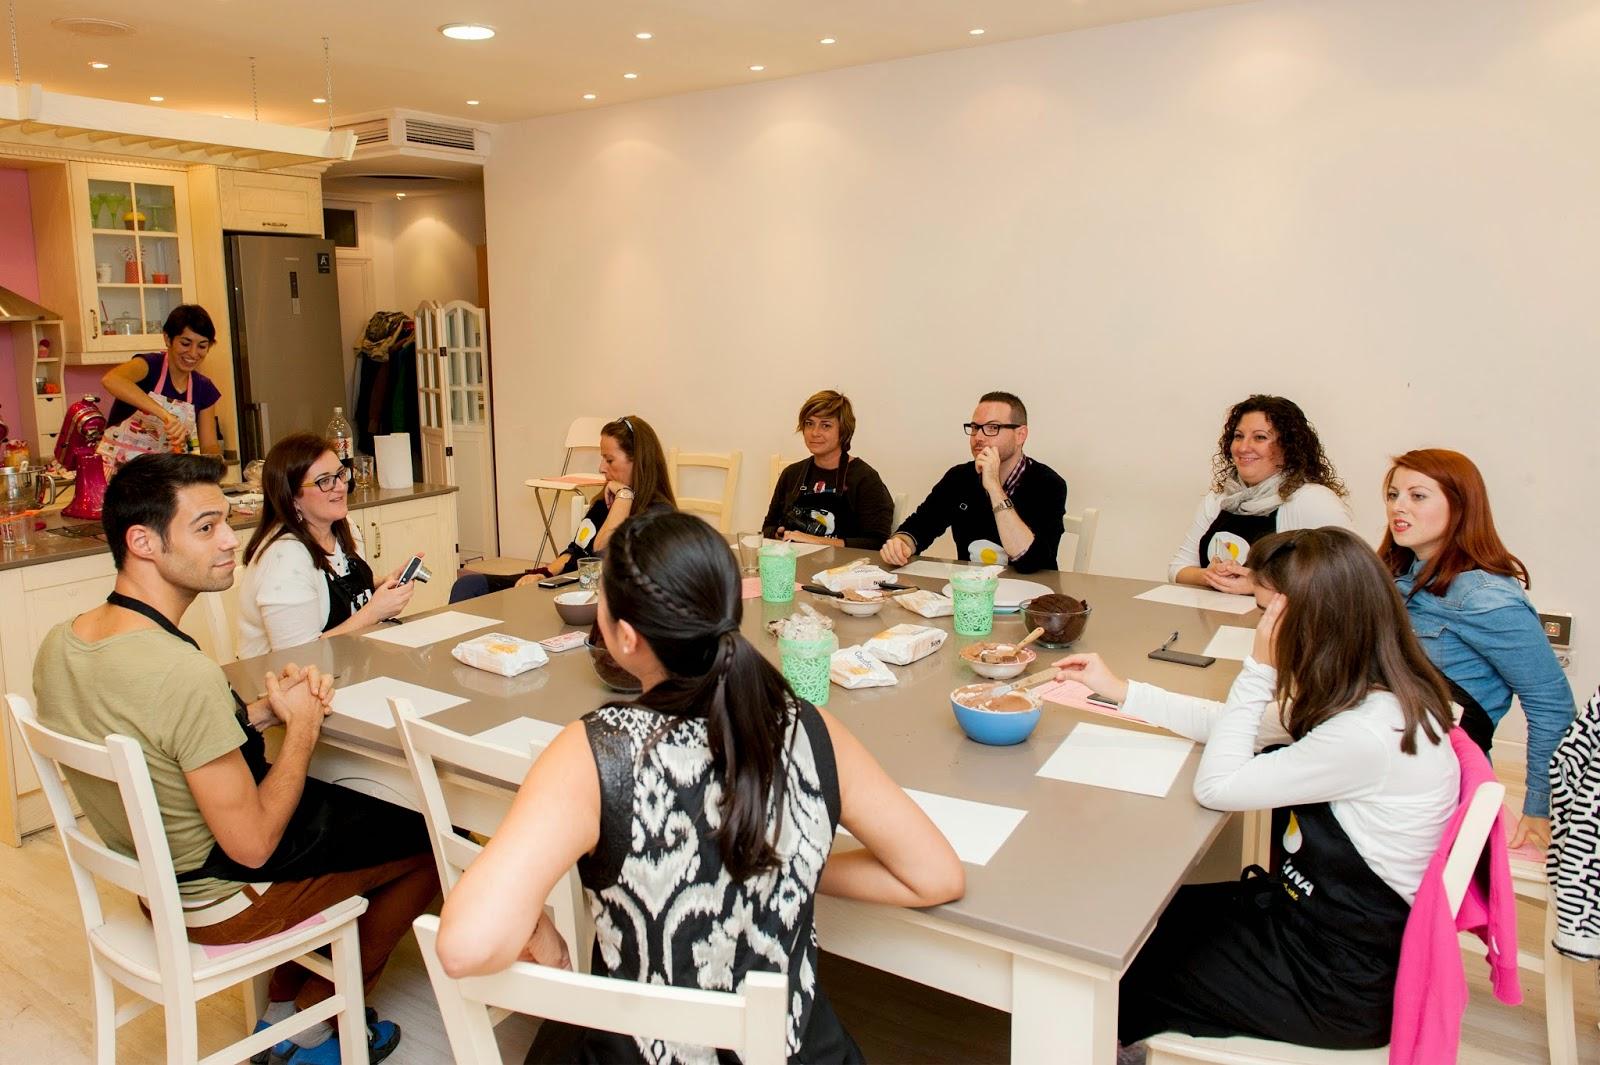 Los chatos chefs curso de layer cake con alma obreg n y canal cocina - Canal cocina alma obregon ...